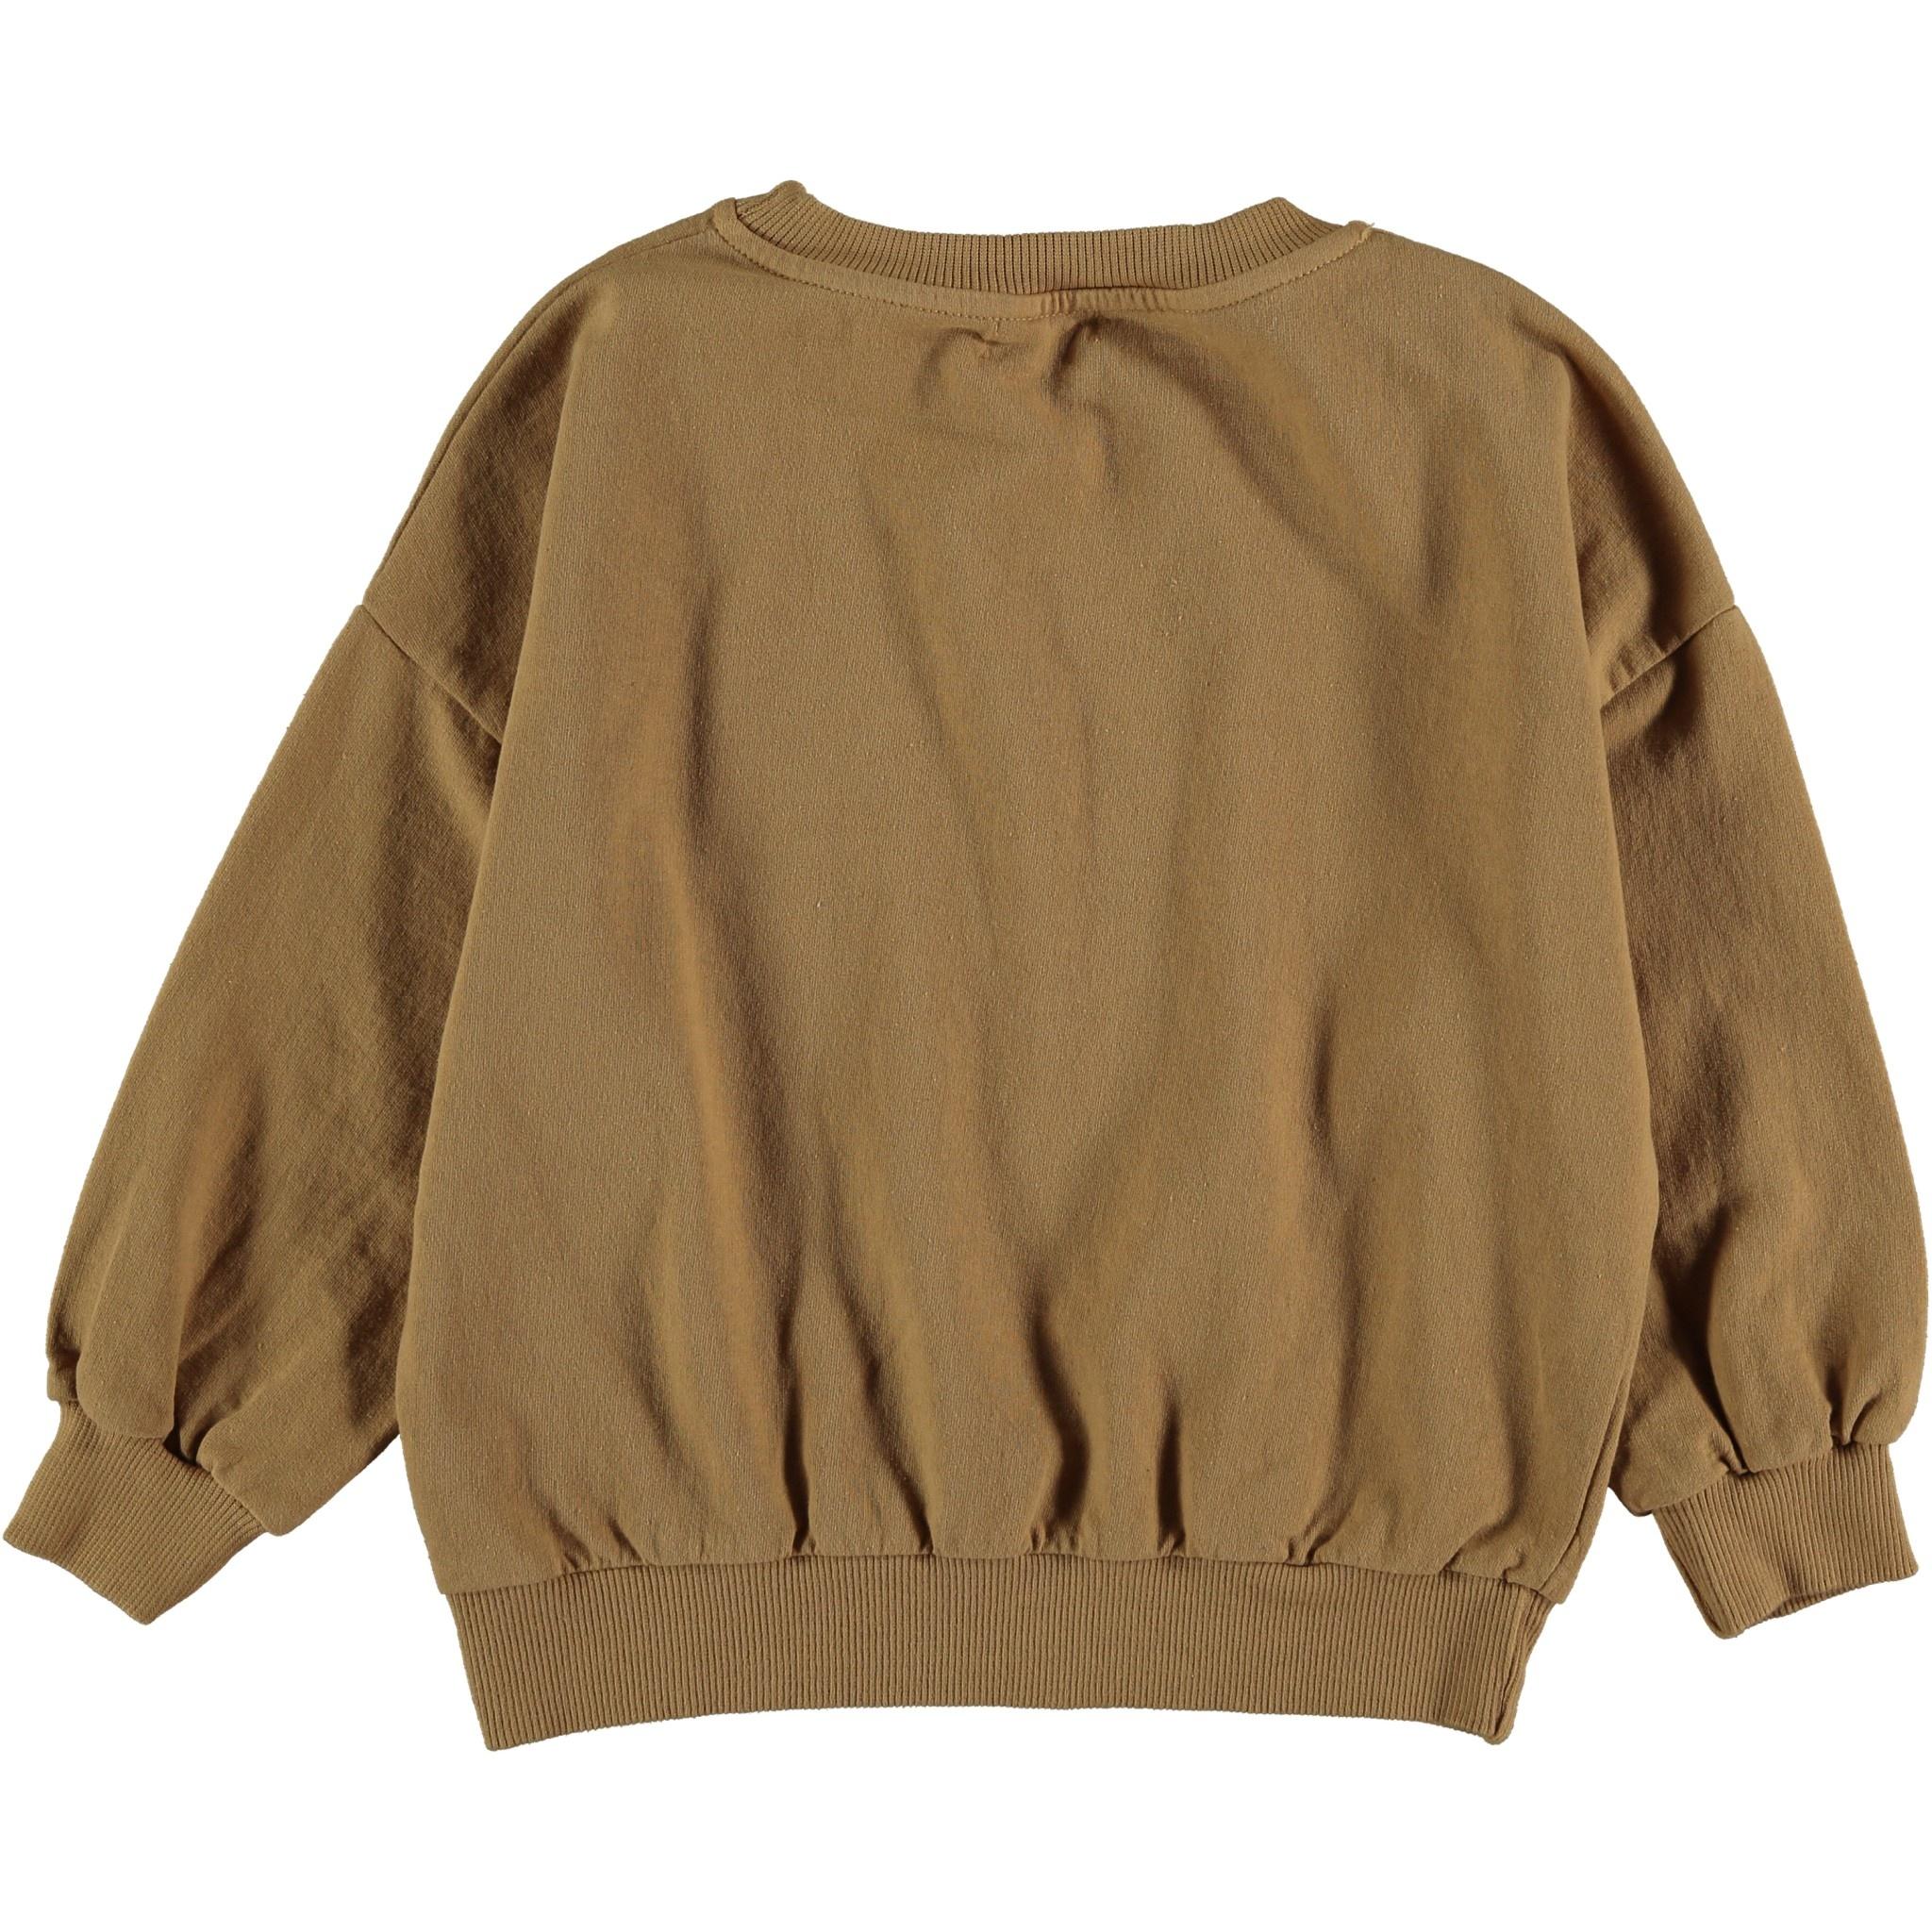 My Little Cozmo Organic & recycled fleece sweatshirt | Peanut